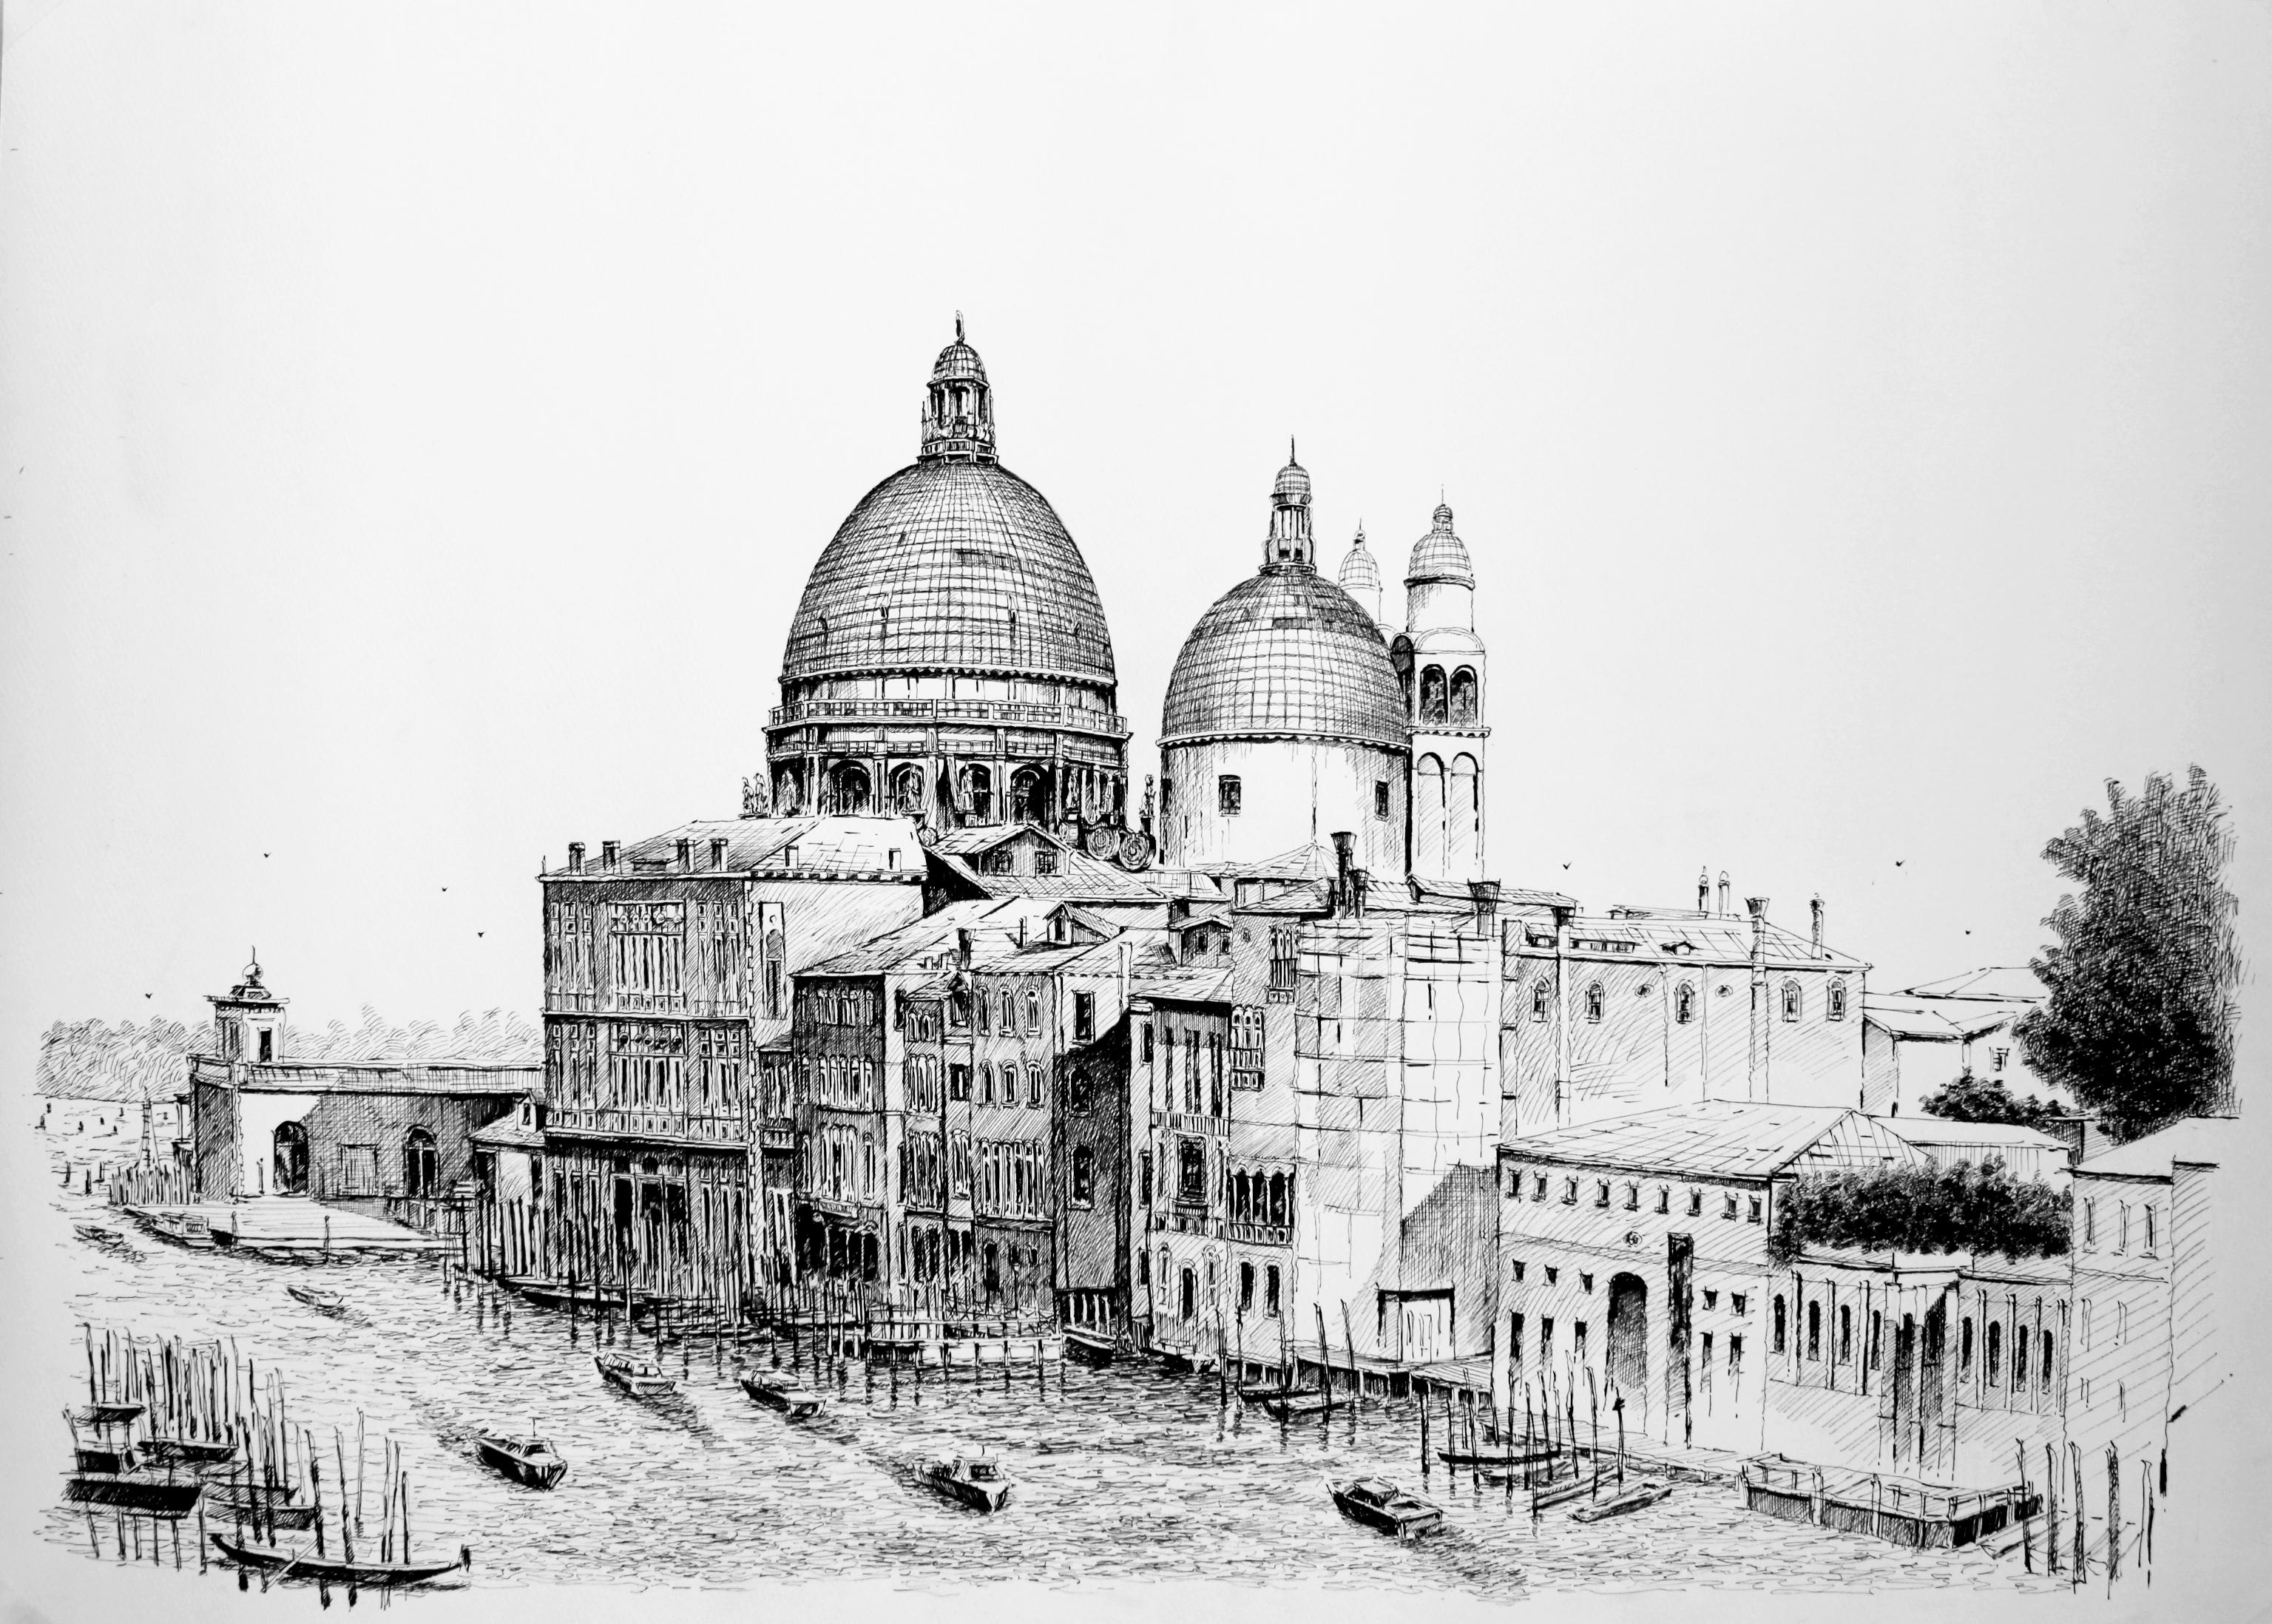 威尼斯建筑风景钢笔画